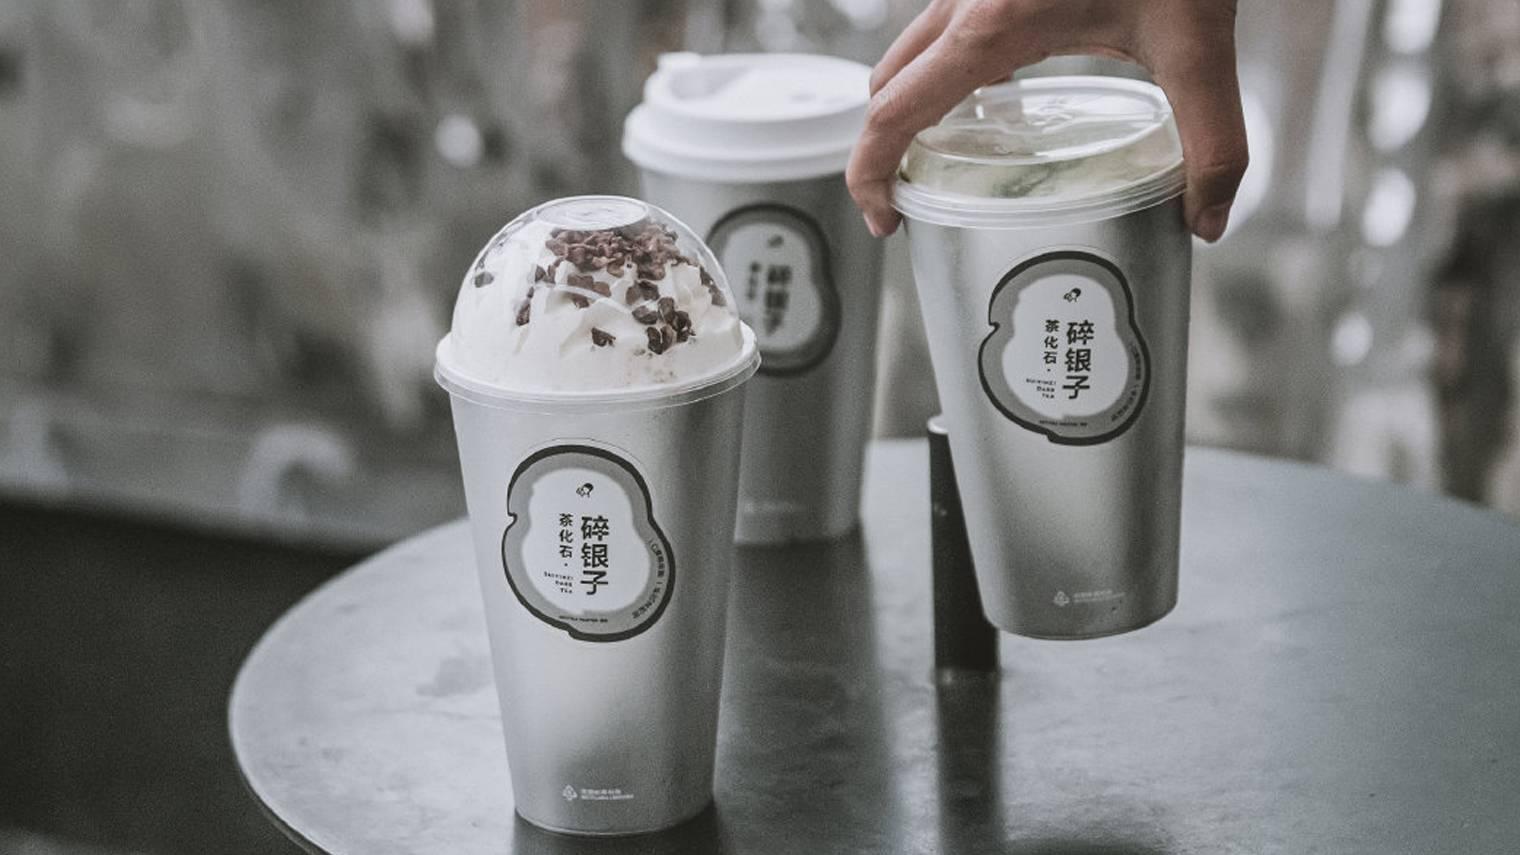 """用上了2000元/斤的茶,喜茶""""最贵新品""""是真高级还是智商税?"""